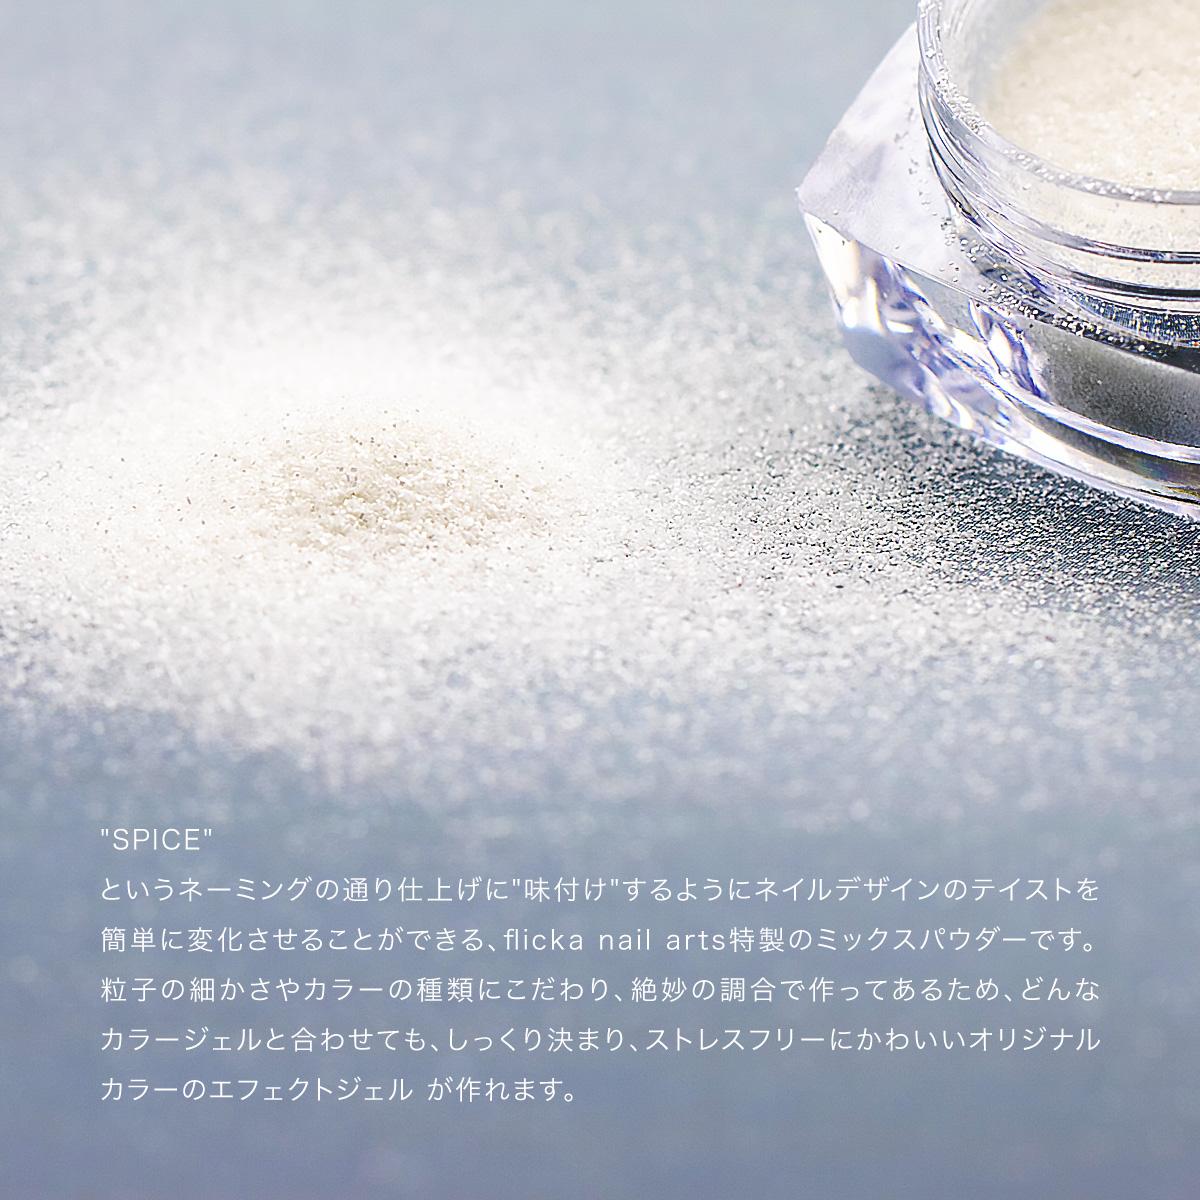 ボンネイル ジェルネイル パウダー アート 素材 オリジナル@flicka nail arts Spice - powder @865505